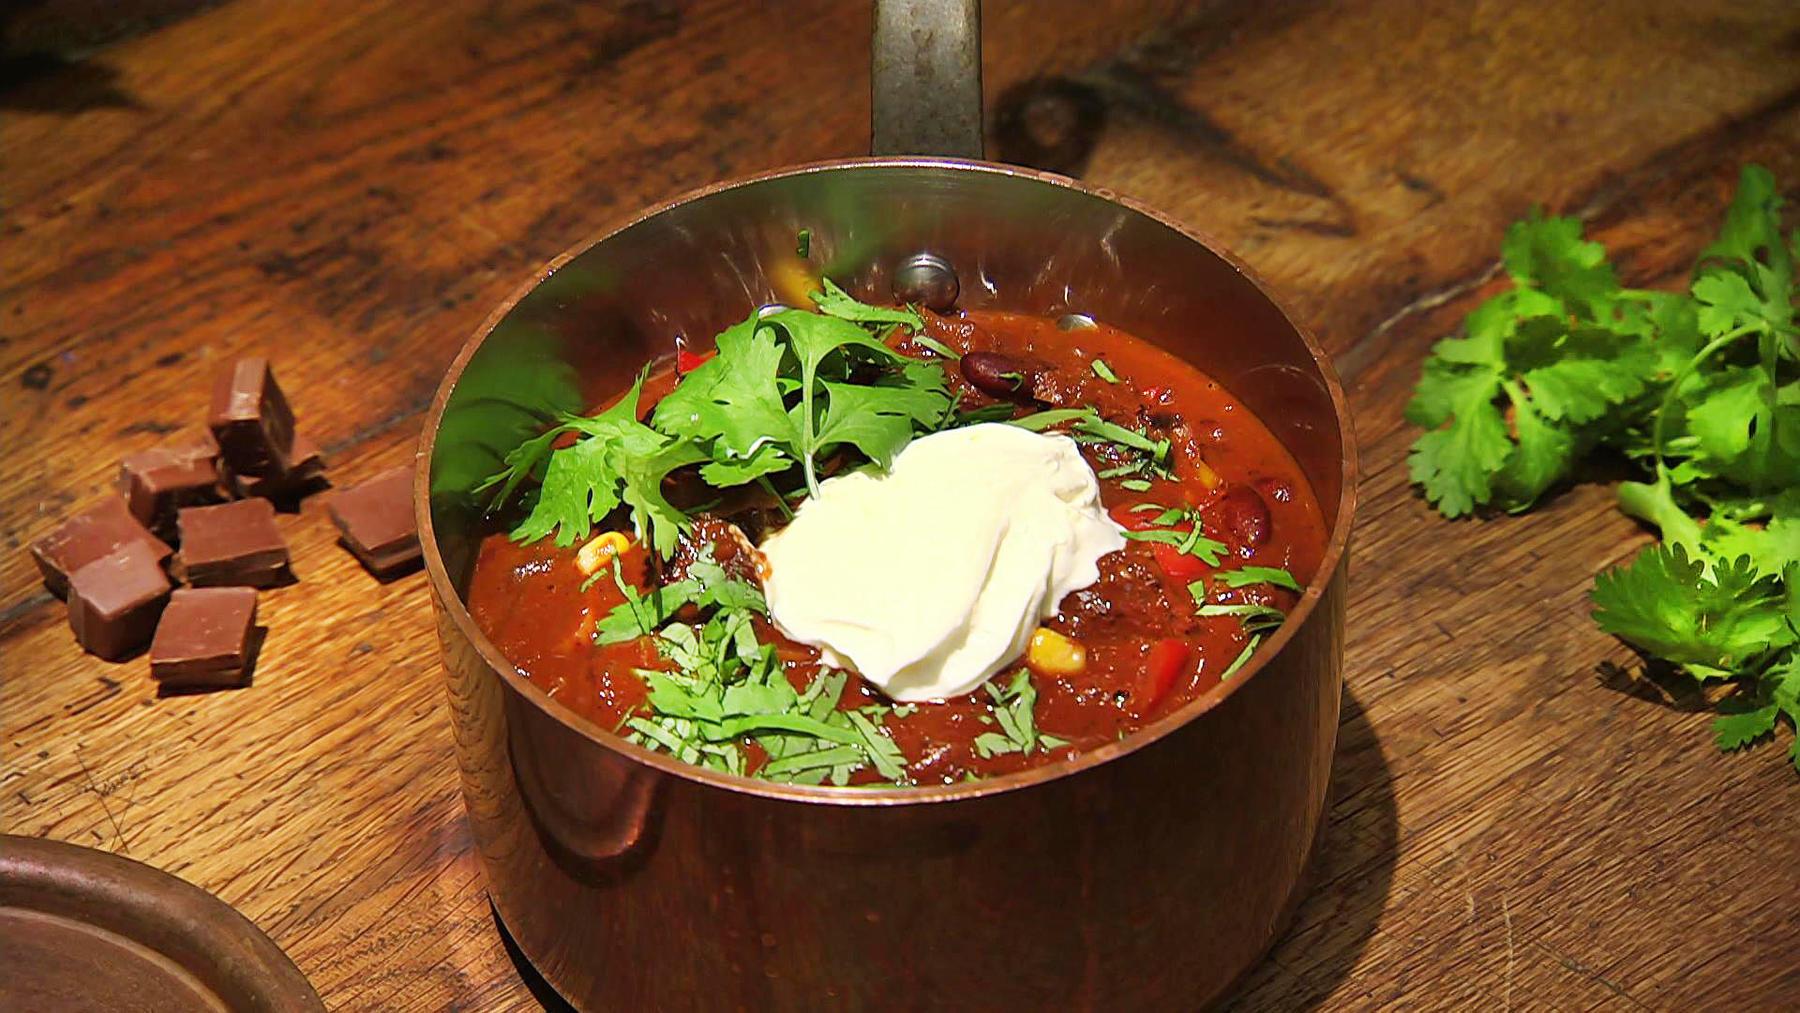 Süße Würze - Herzhafte Gerichte mit Vanille, Schoko und Zimt | Folge 53